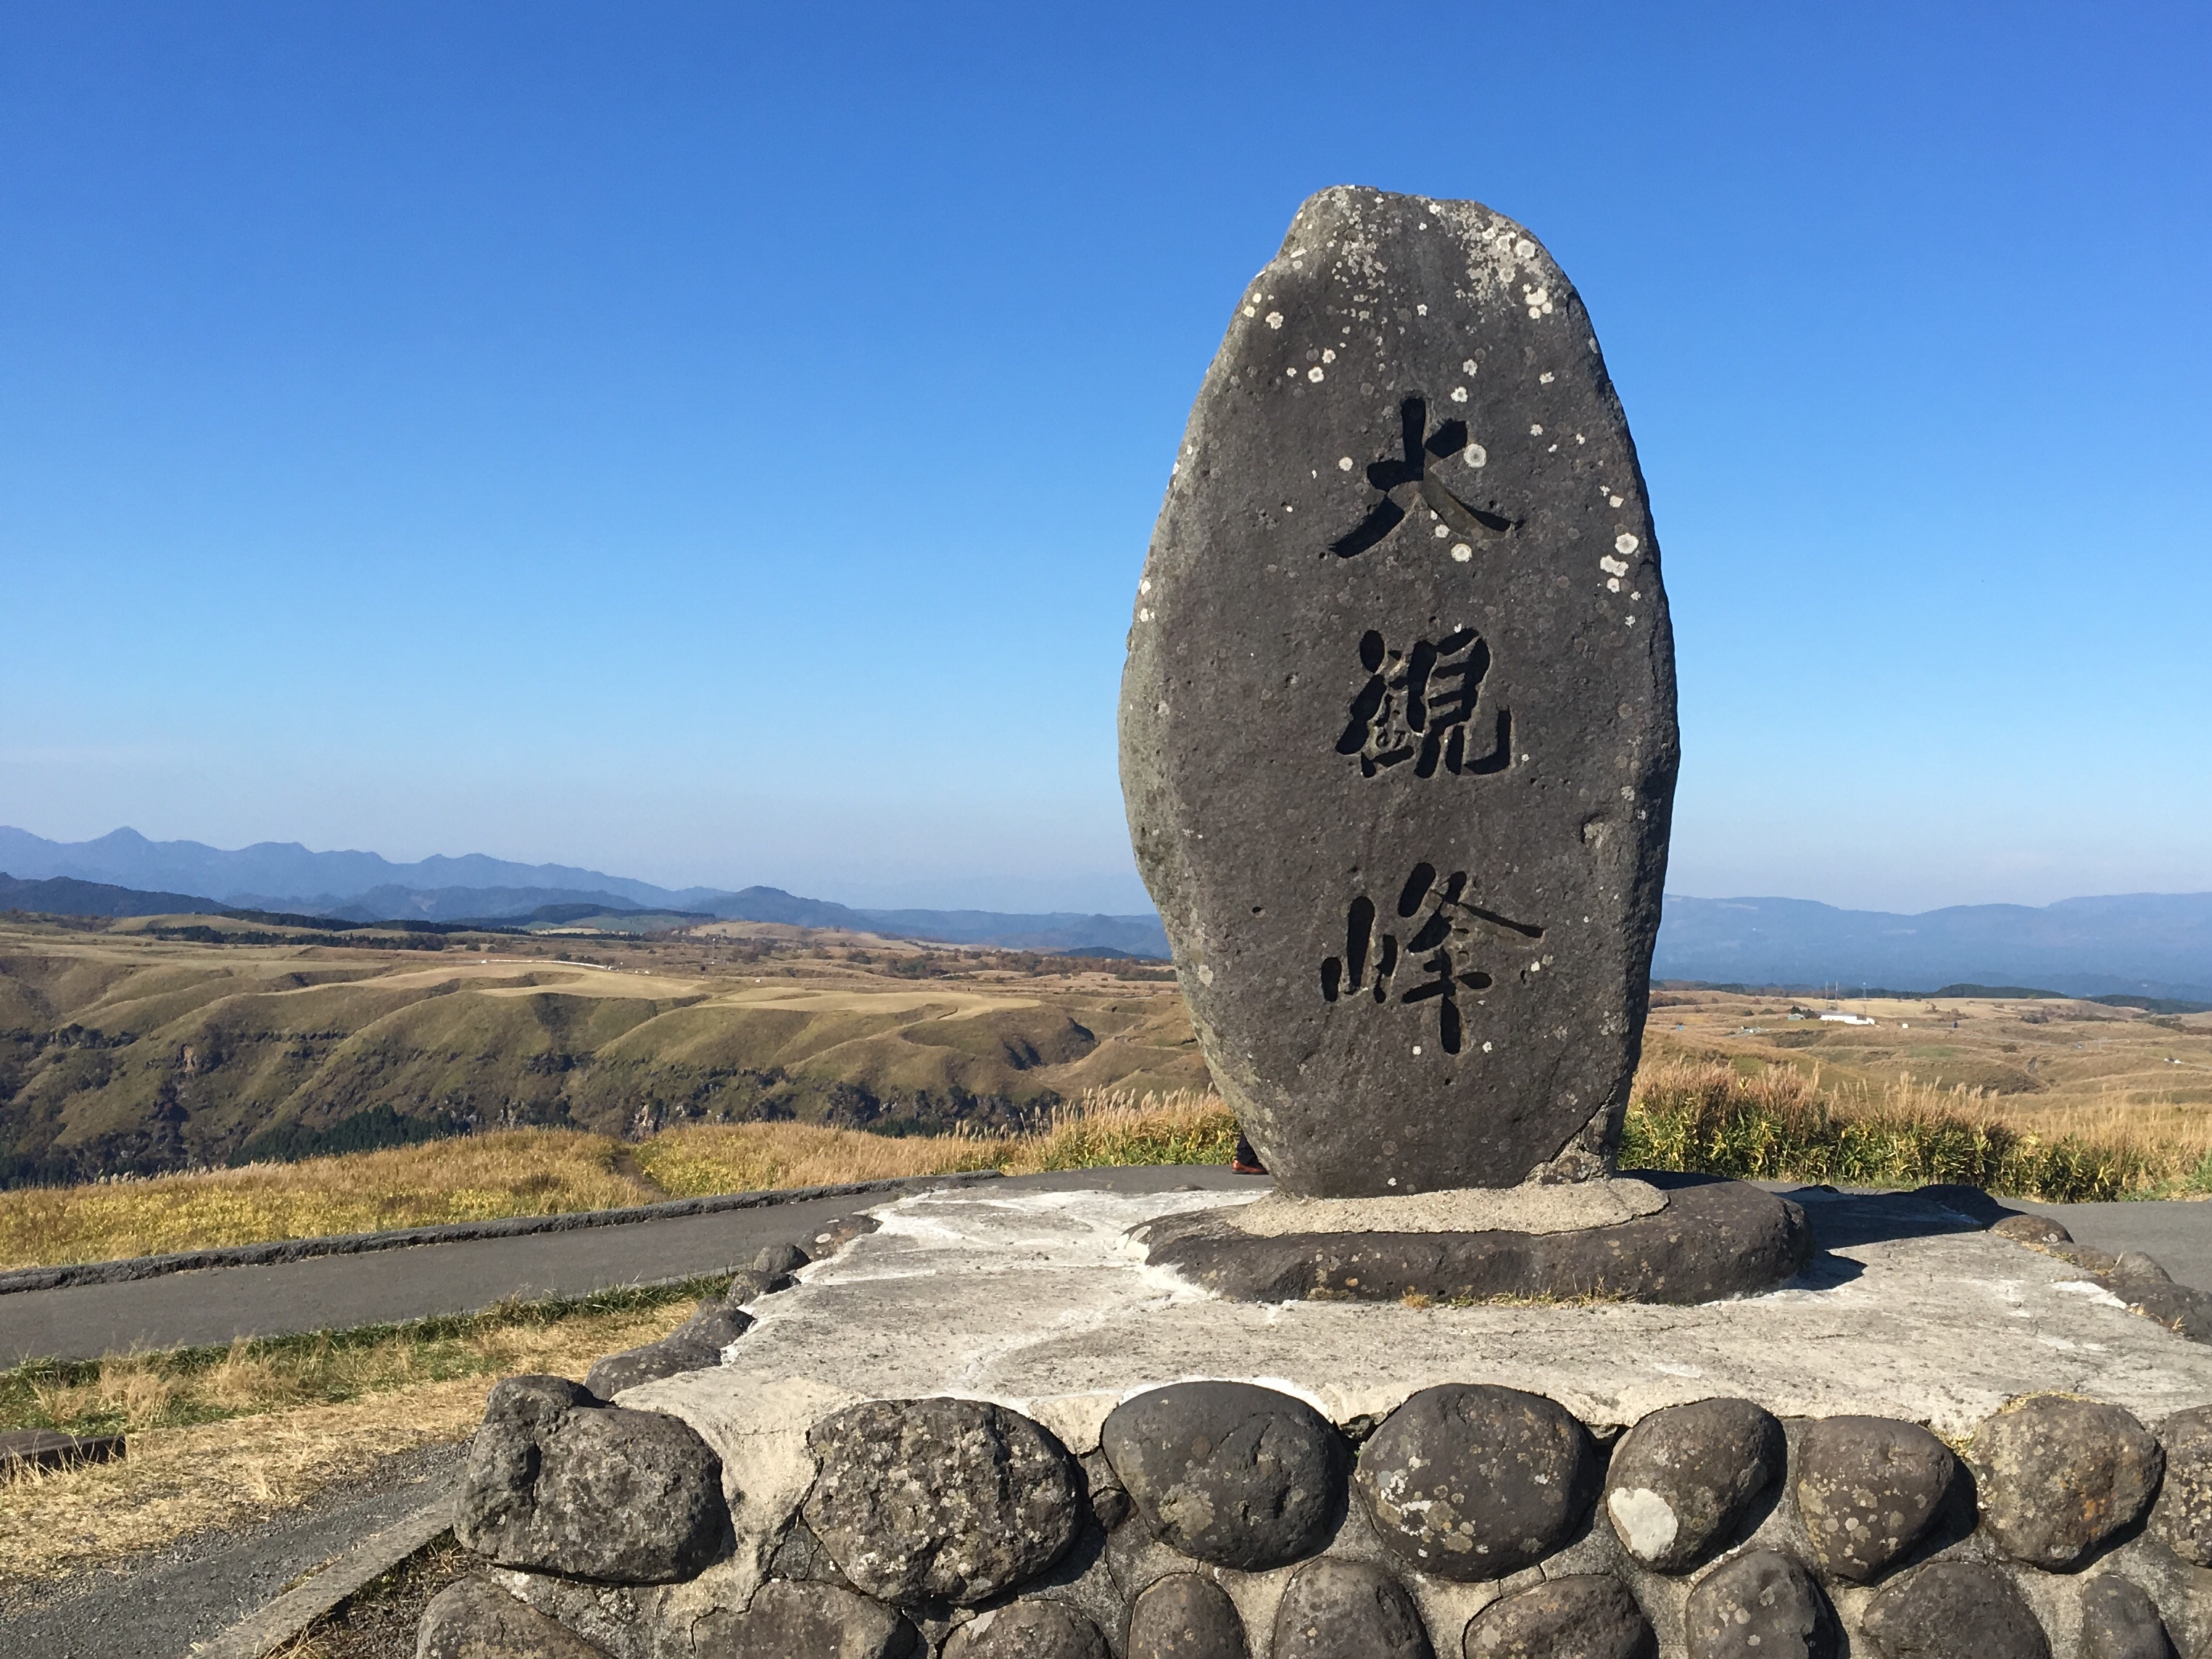 【大観峰】阿蘇の絶景スポット!駐車場や展望台からの風景を紹介